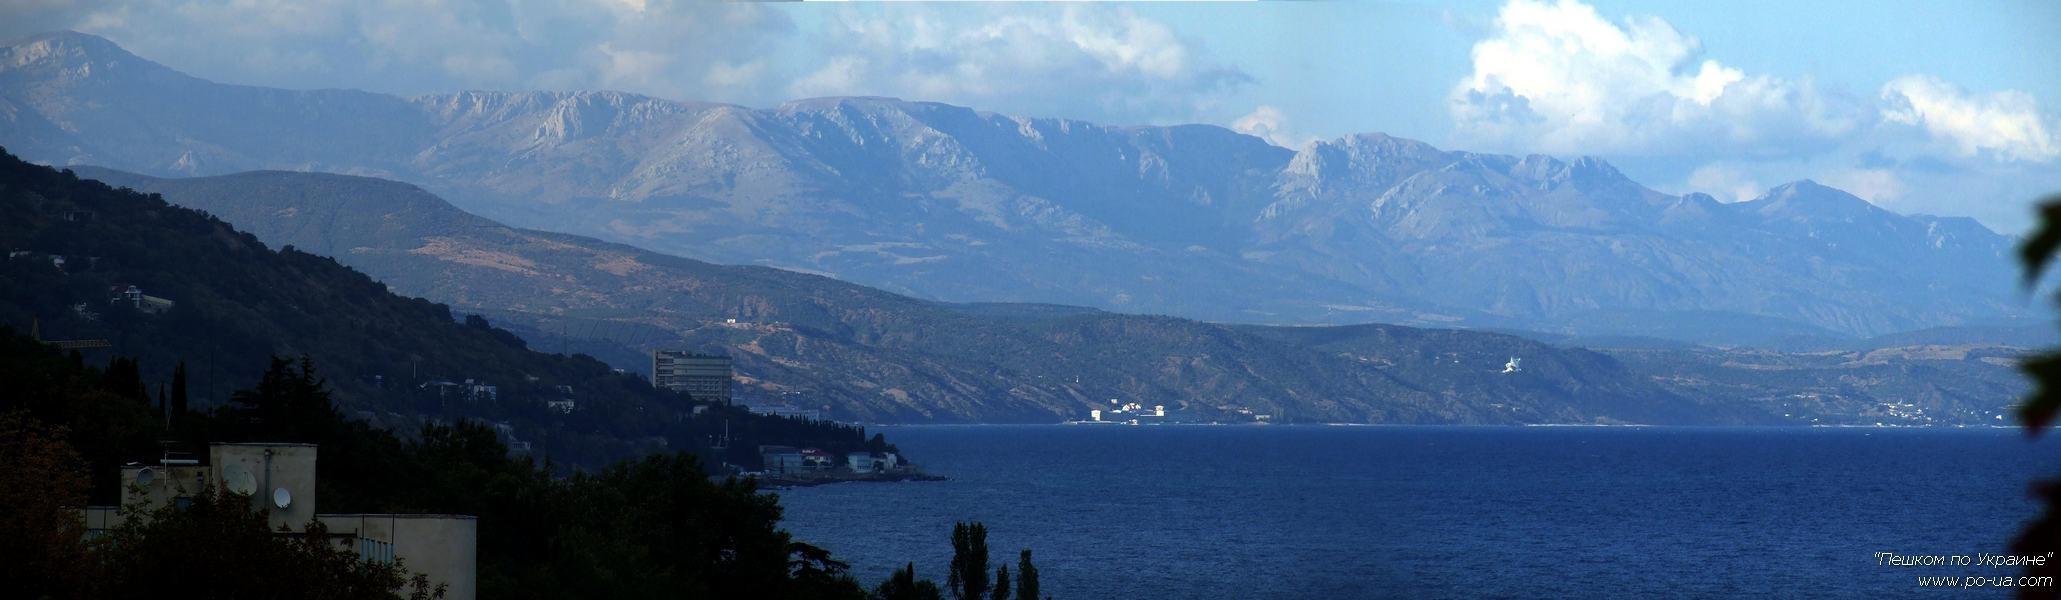 Вид со смотровой площадки лагеря на плато Караби и Восточный Крым в хорошую погоду